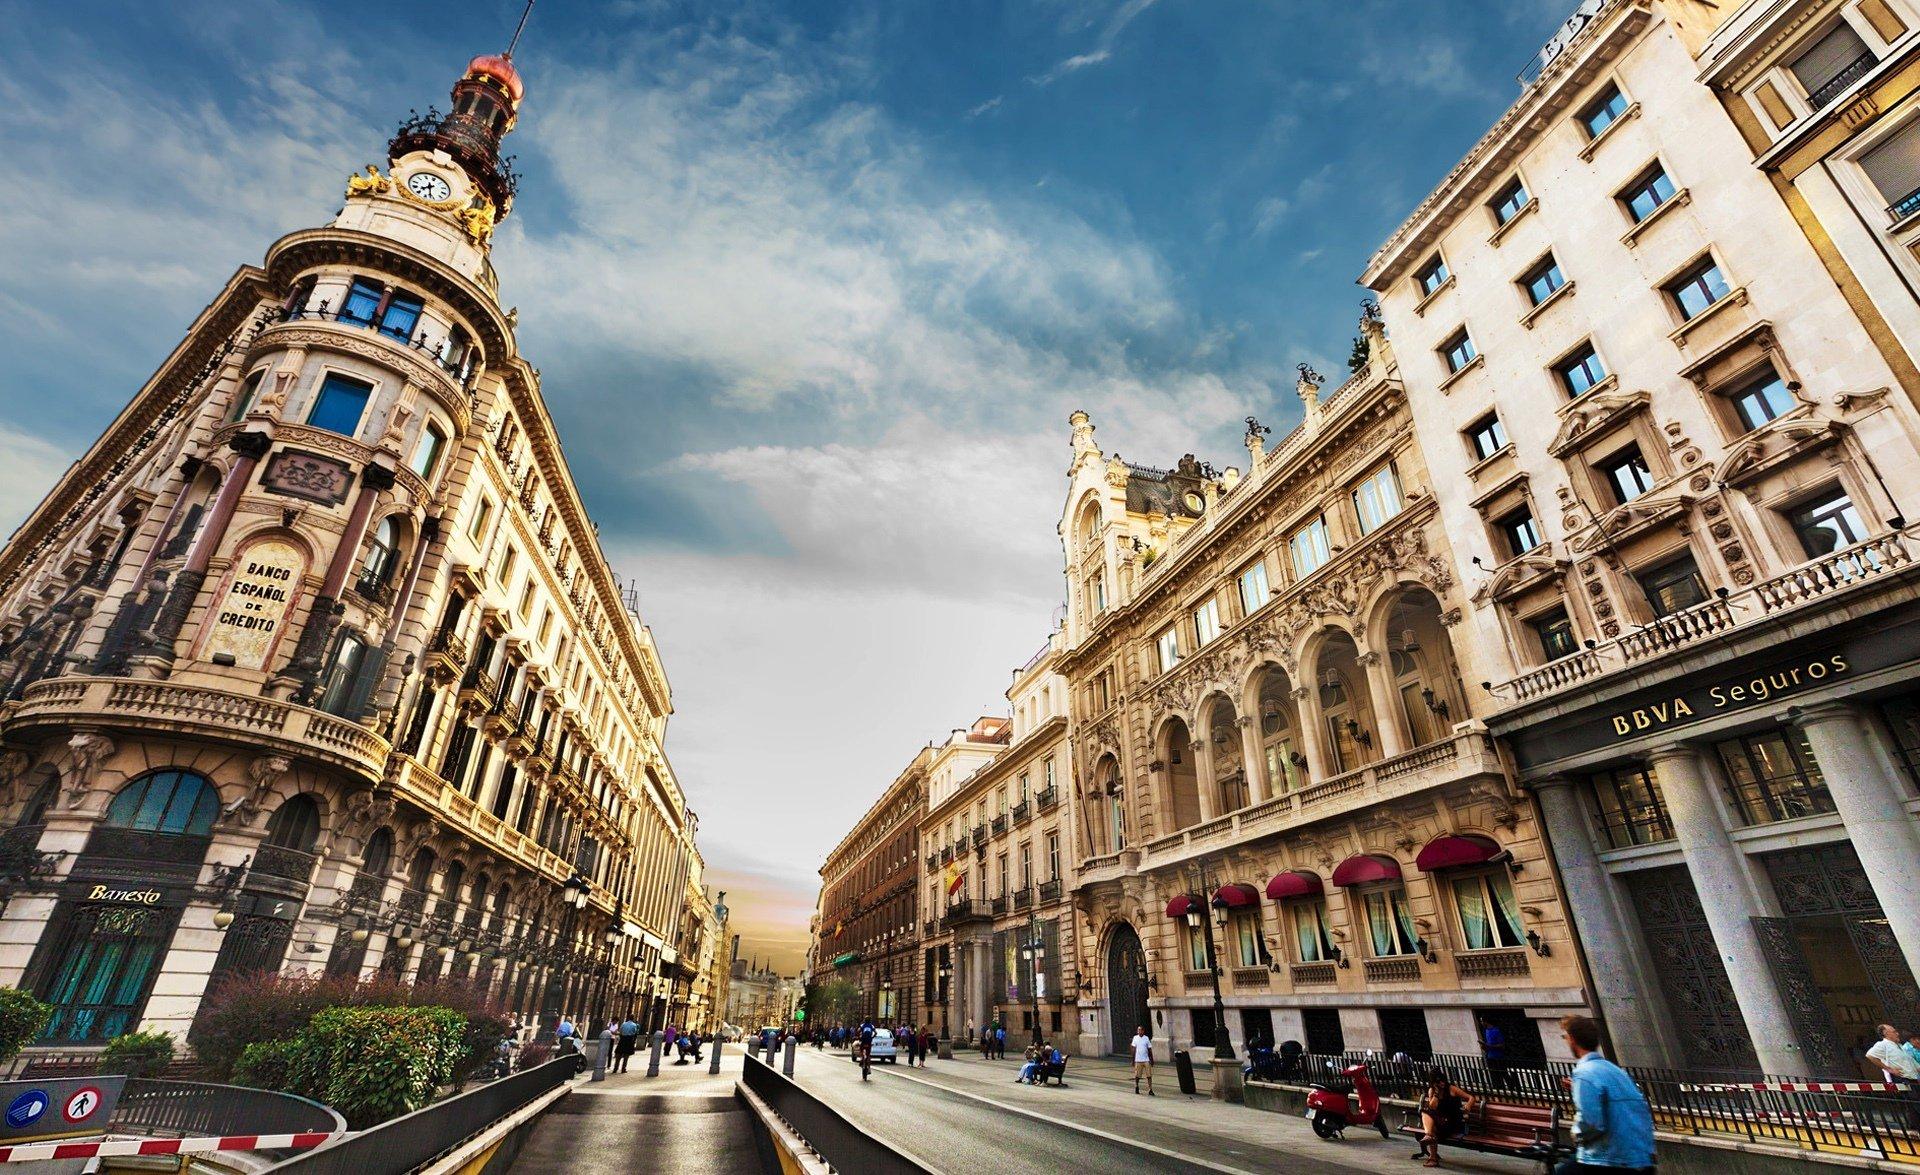 Oportunidades: Empresas europeias oferecem emprego para quem fala português